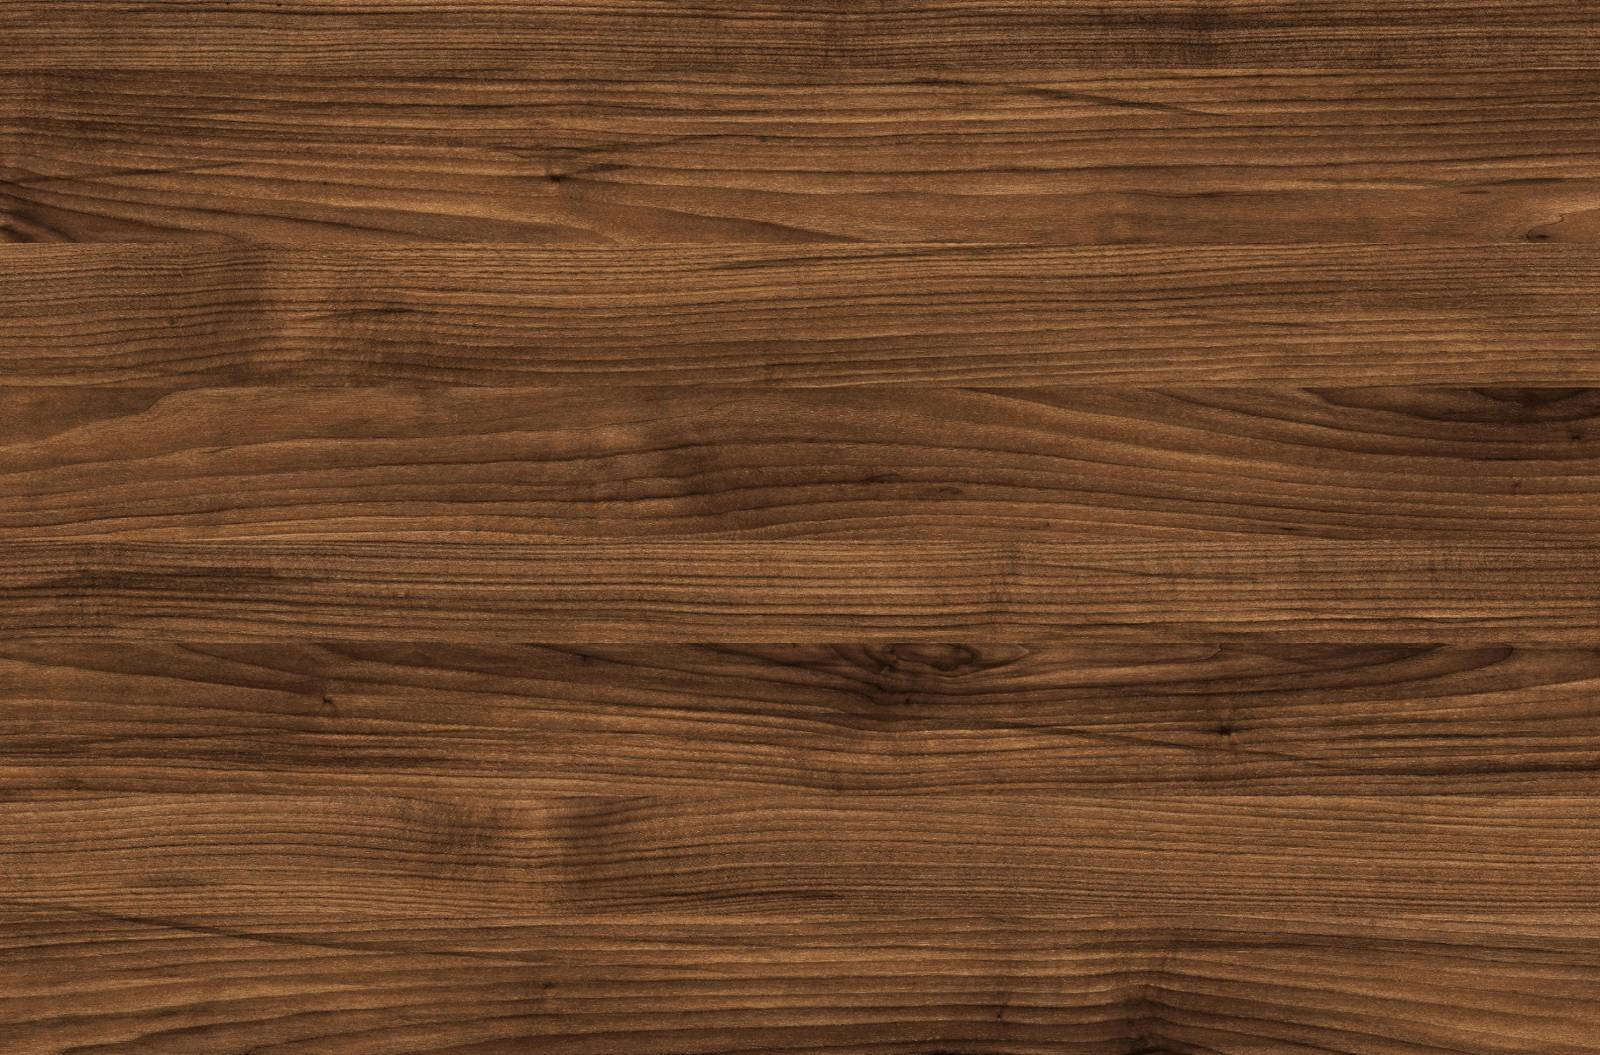 Papel de Parede Madeira | Adesivo Vinilico imagem 1